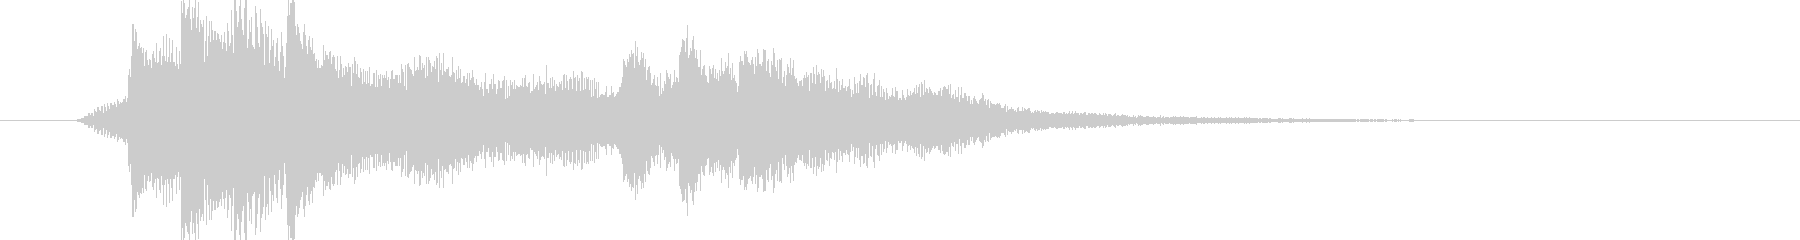 サウンドロゴ、ジングル#4の未再生の波形